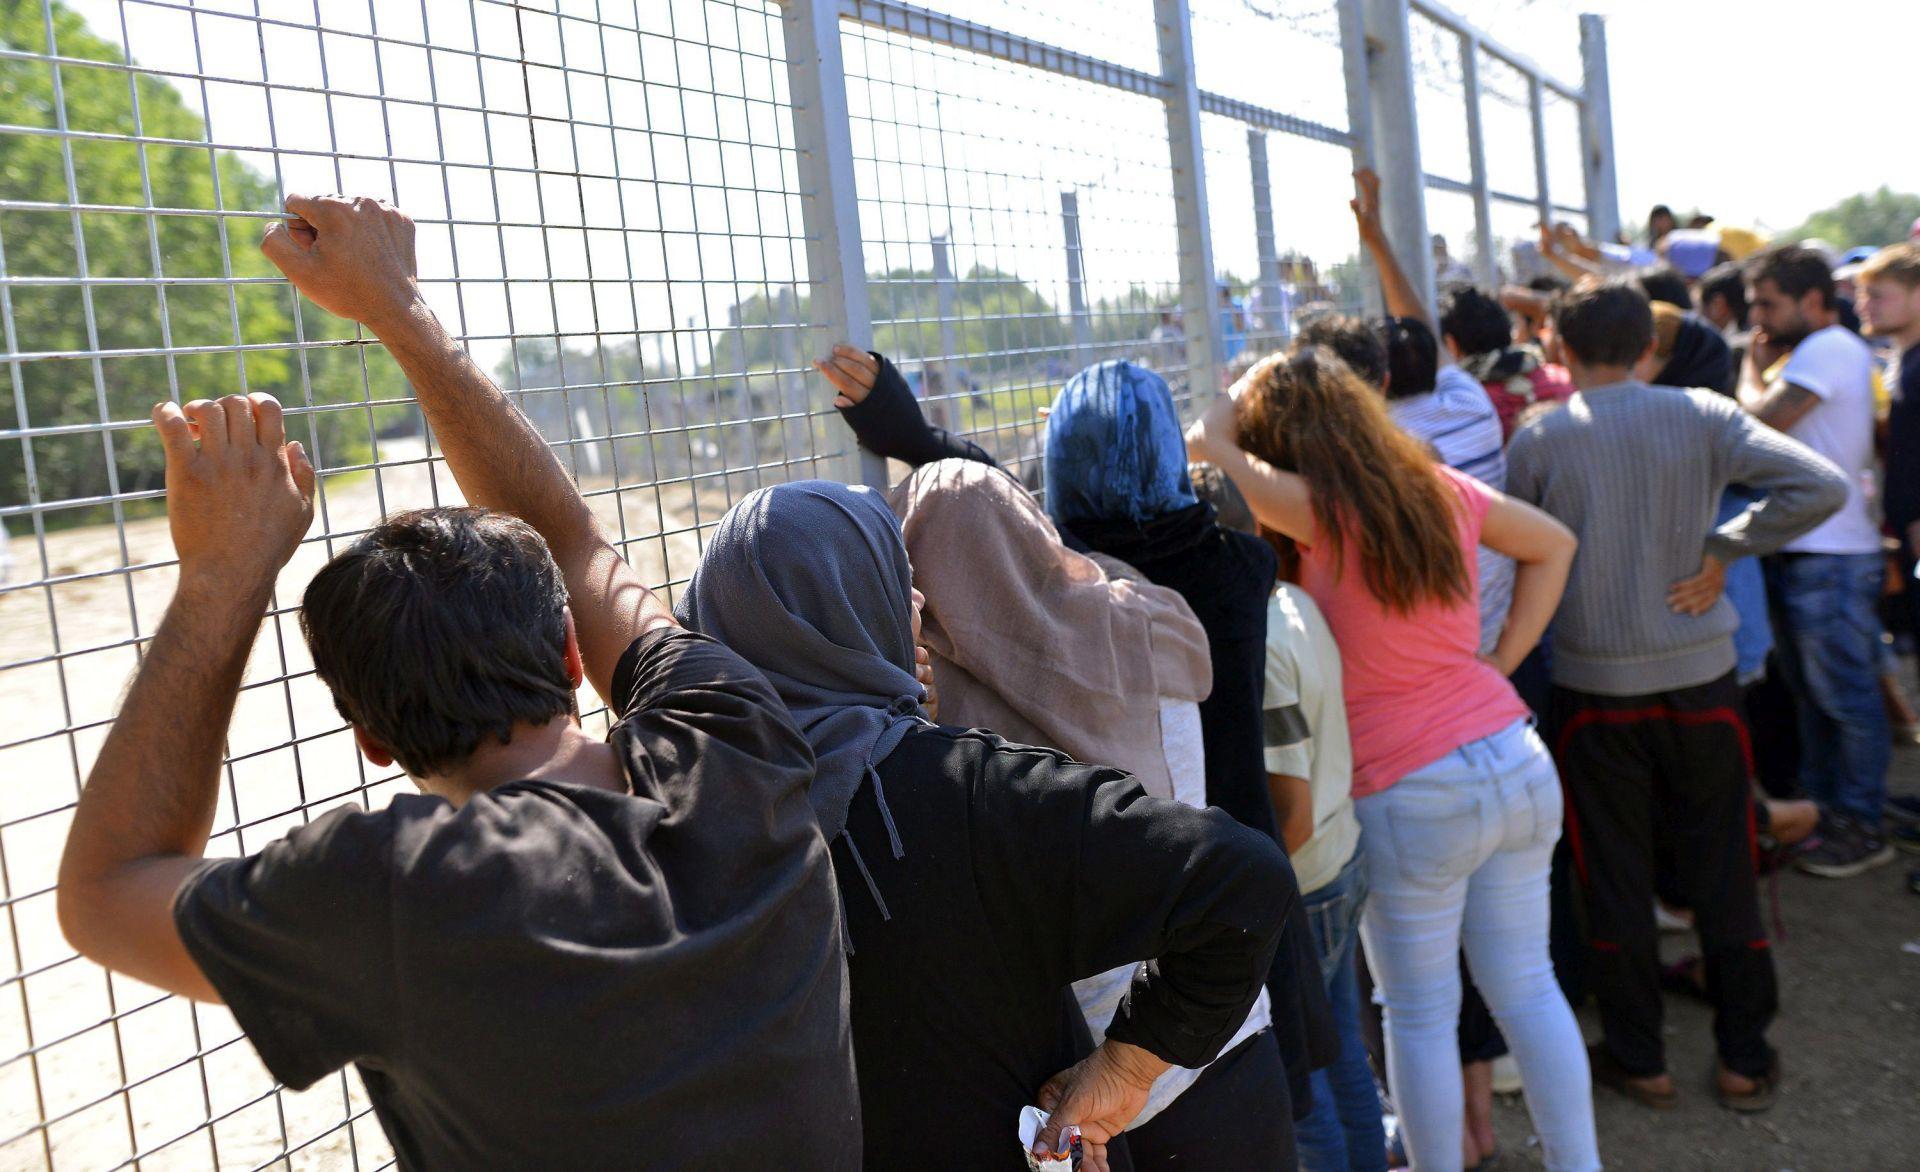 Šefic: Slovenija spremna za mogućnost ponavljanja migrantske krize